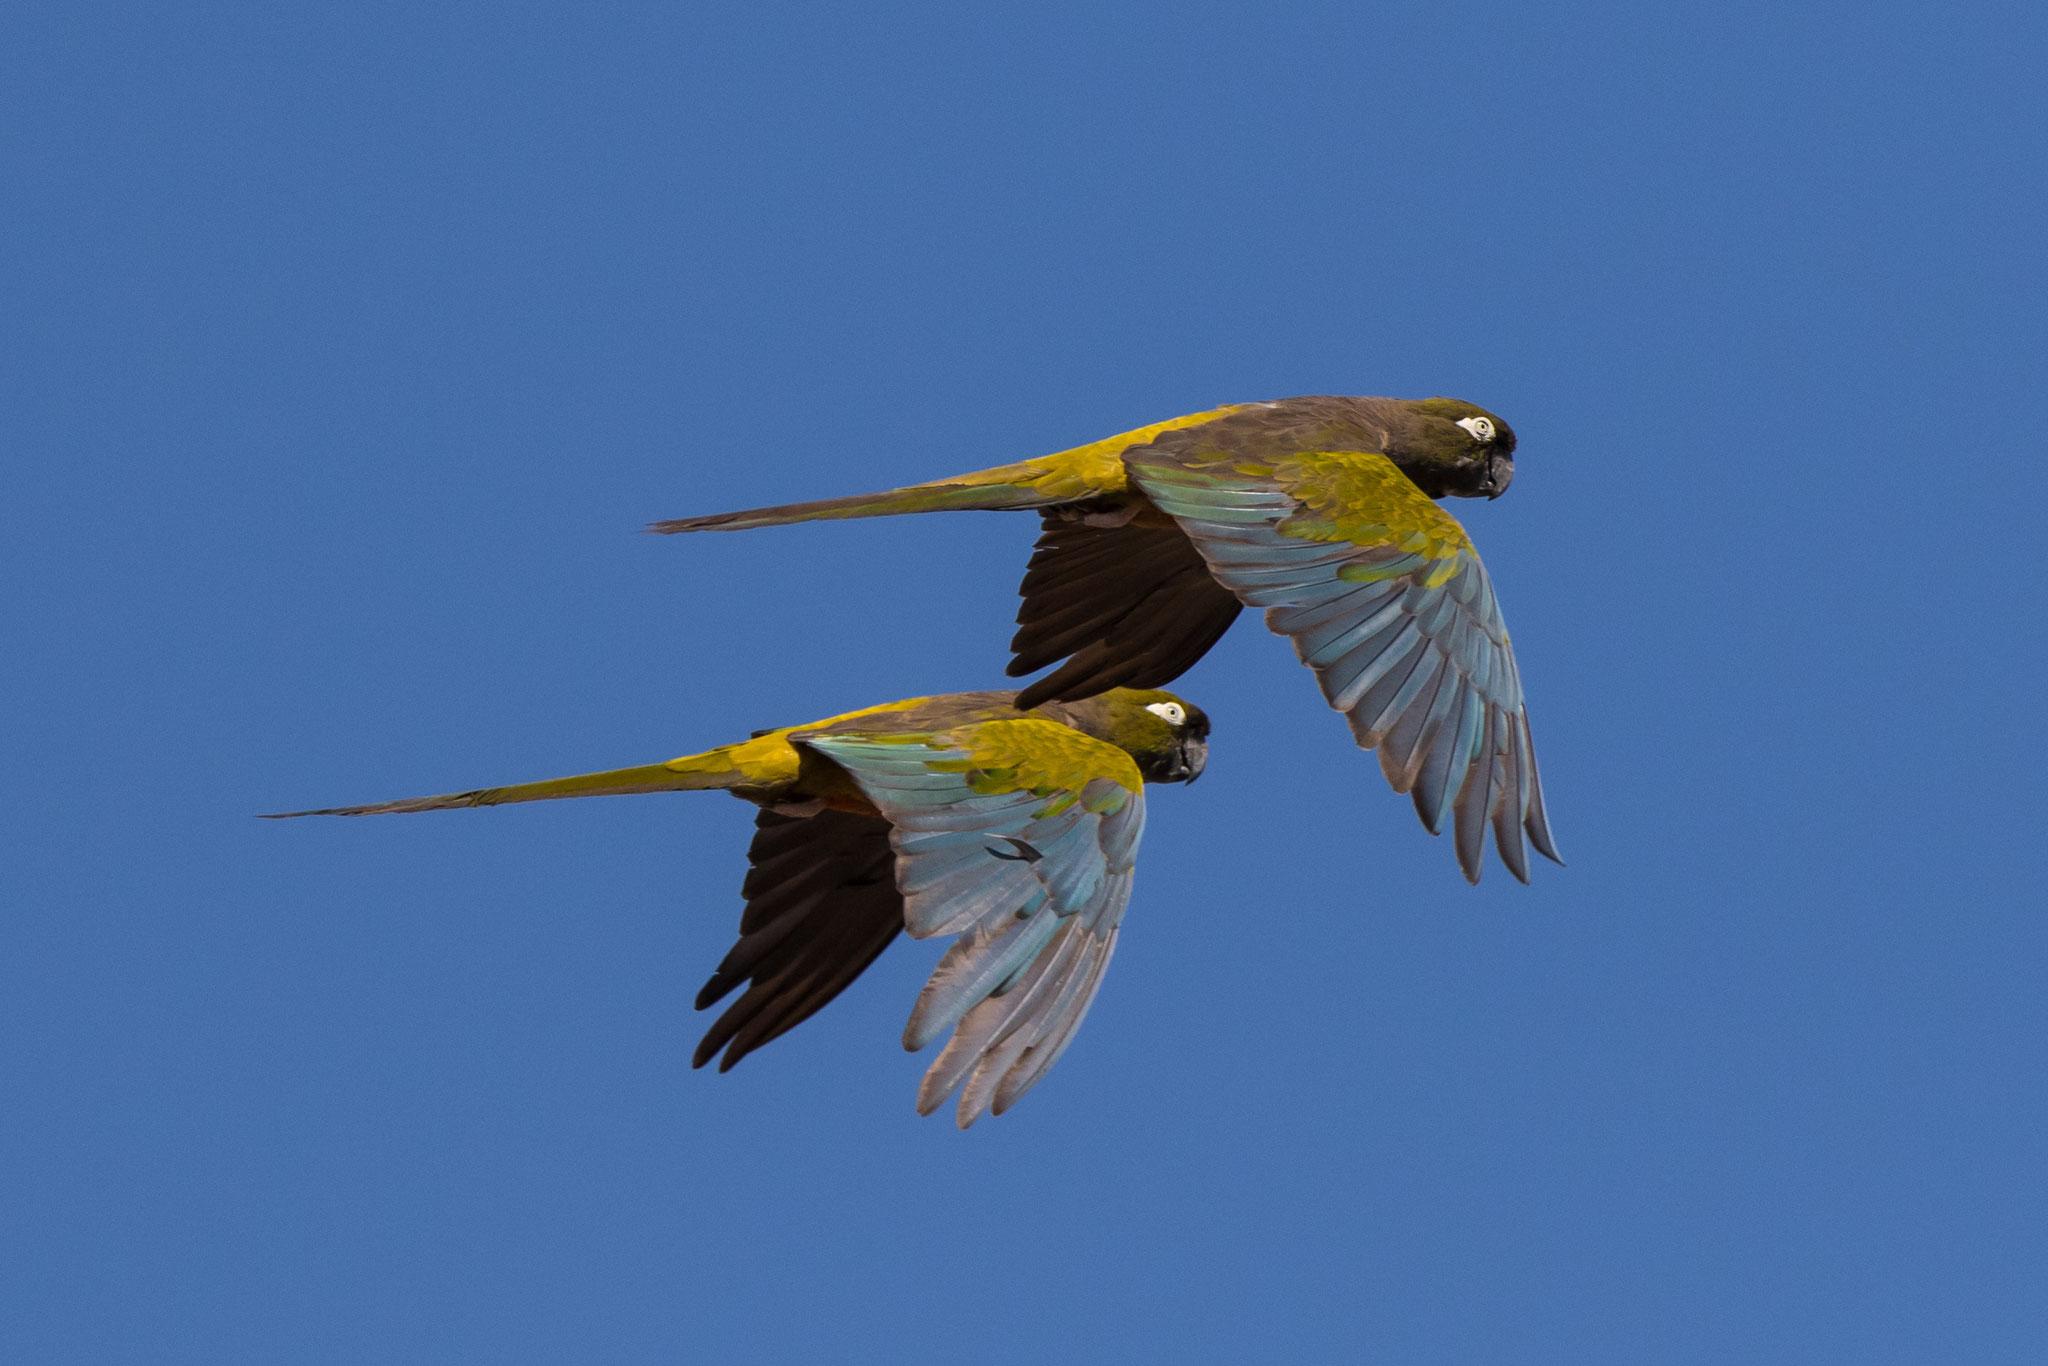 Papageien im Flug - Cachi